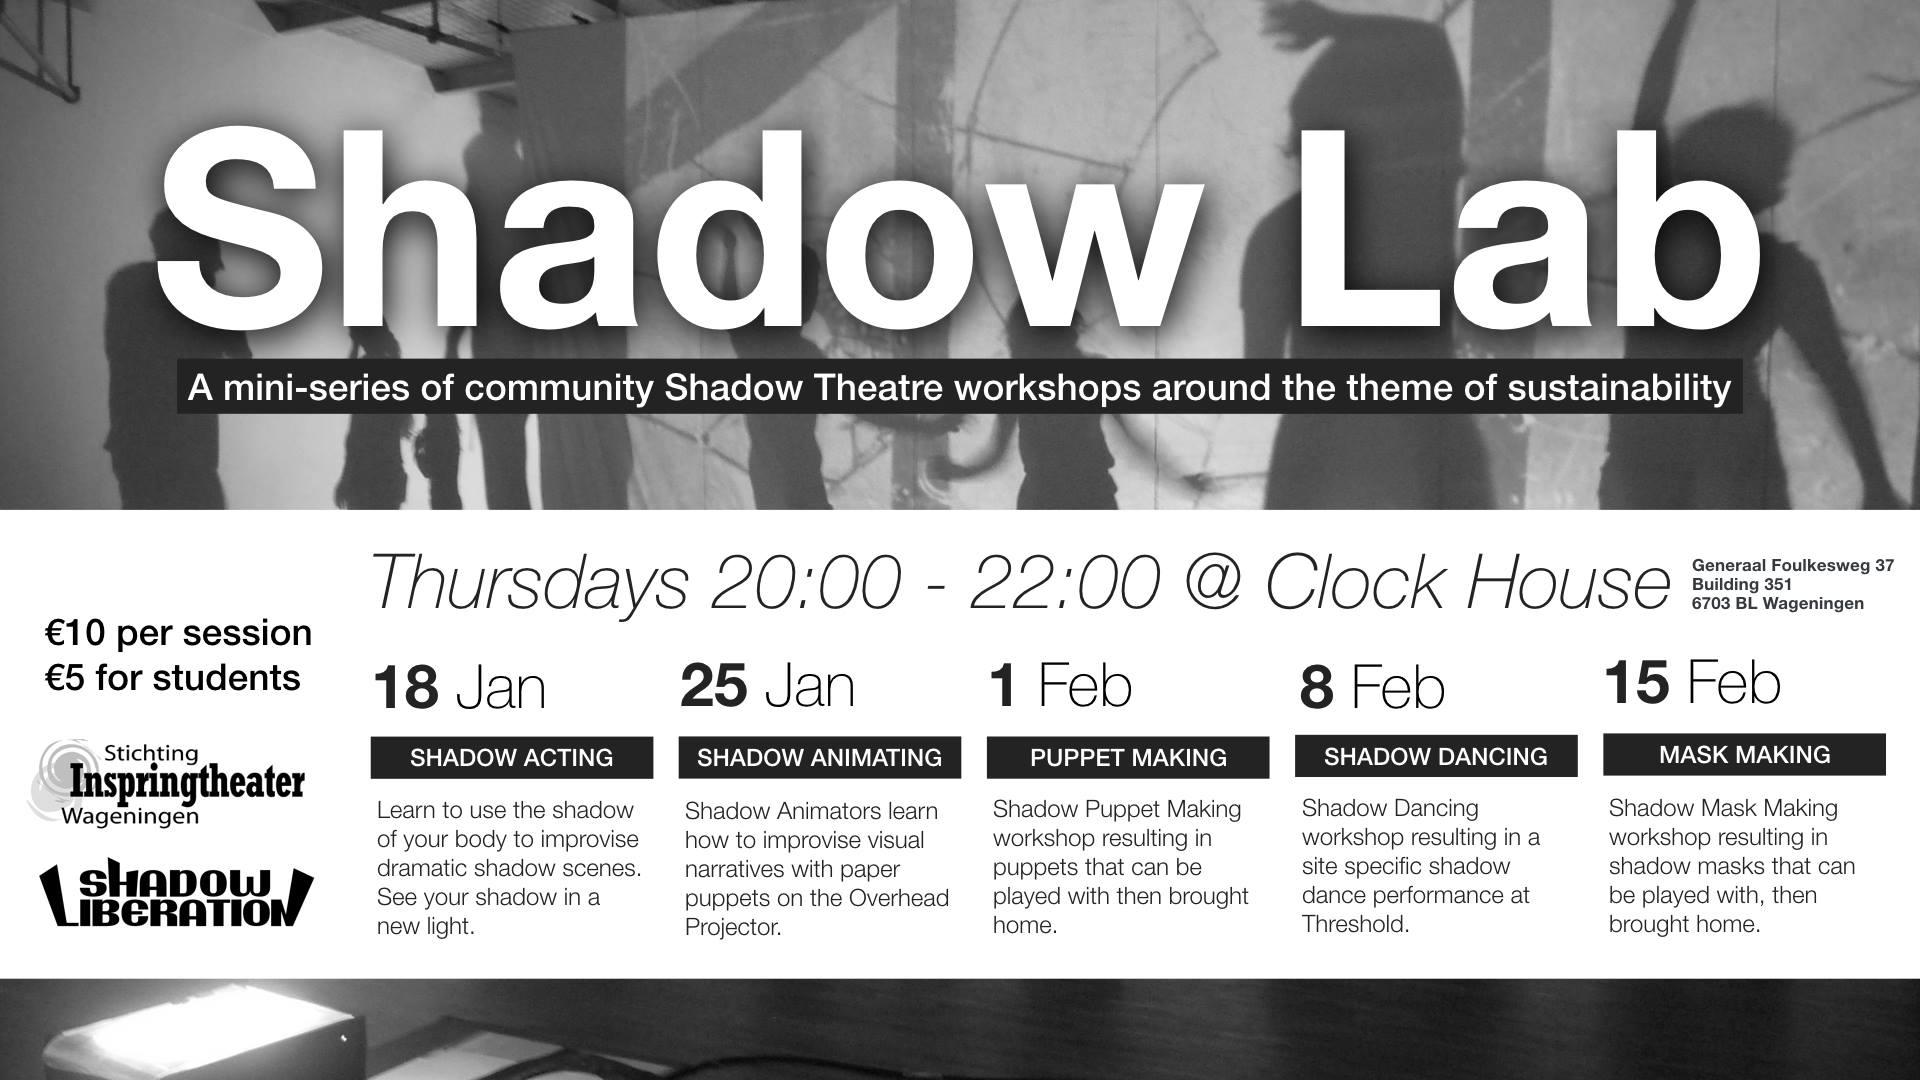 shadowlab